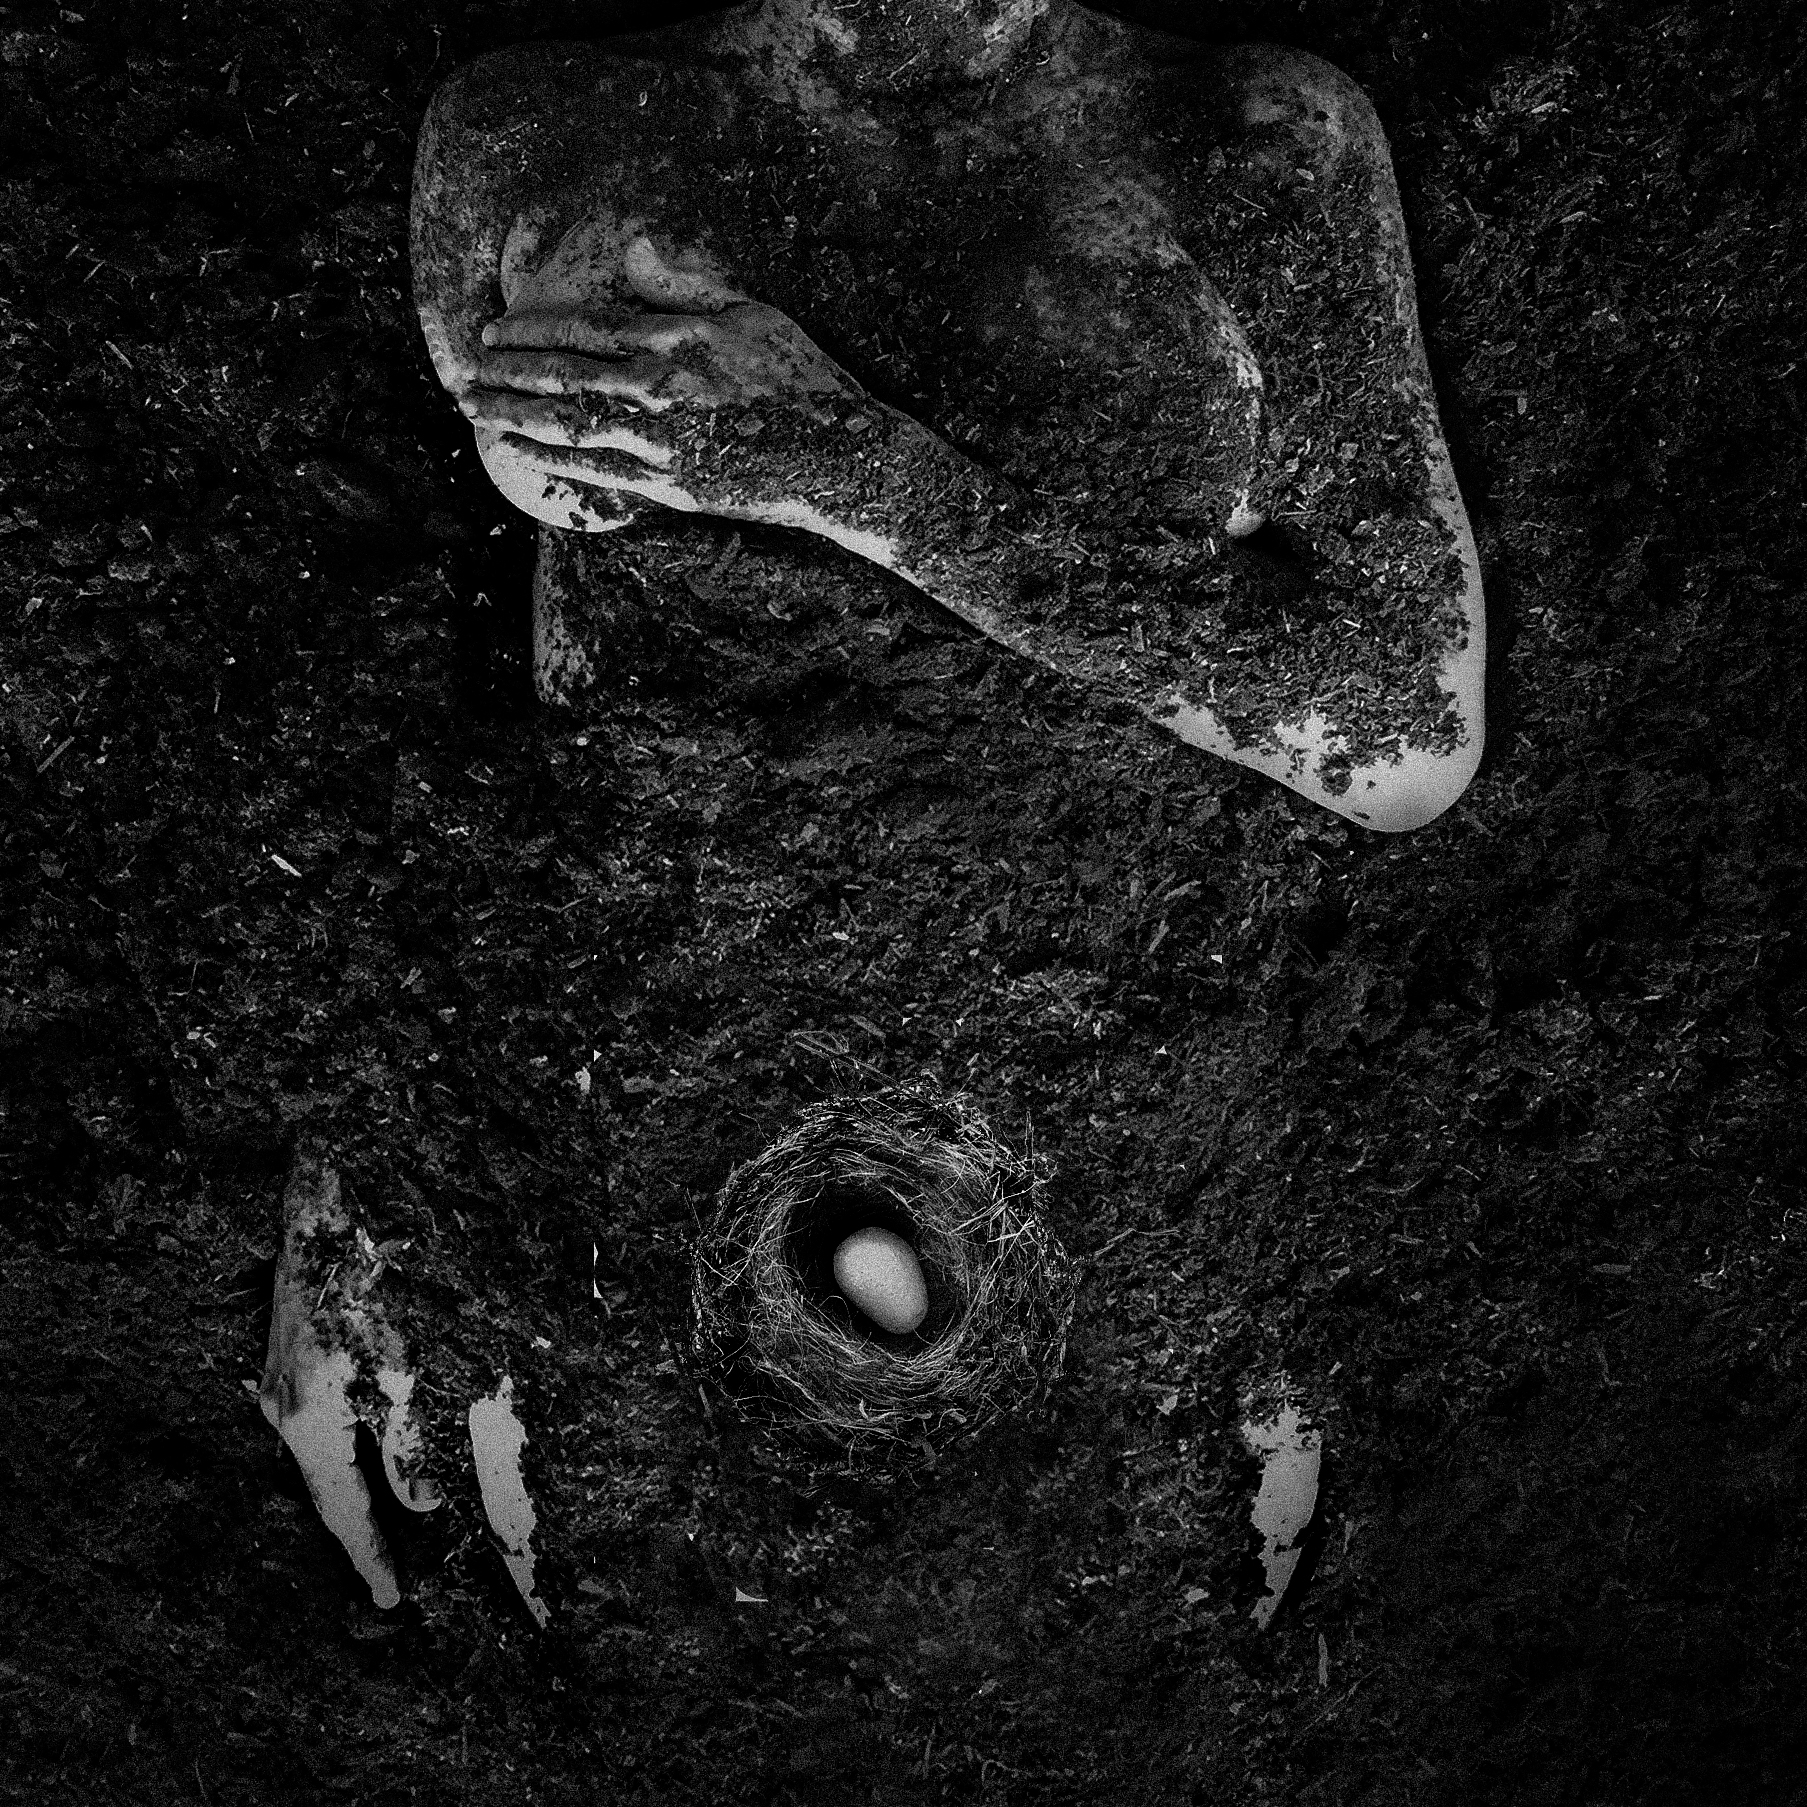 Dirt Body Nest_001_Nov_LR.jpg